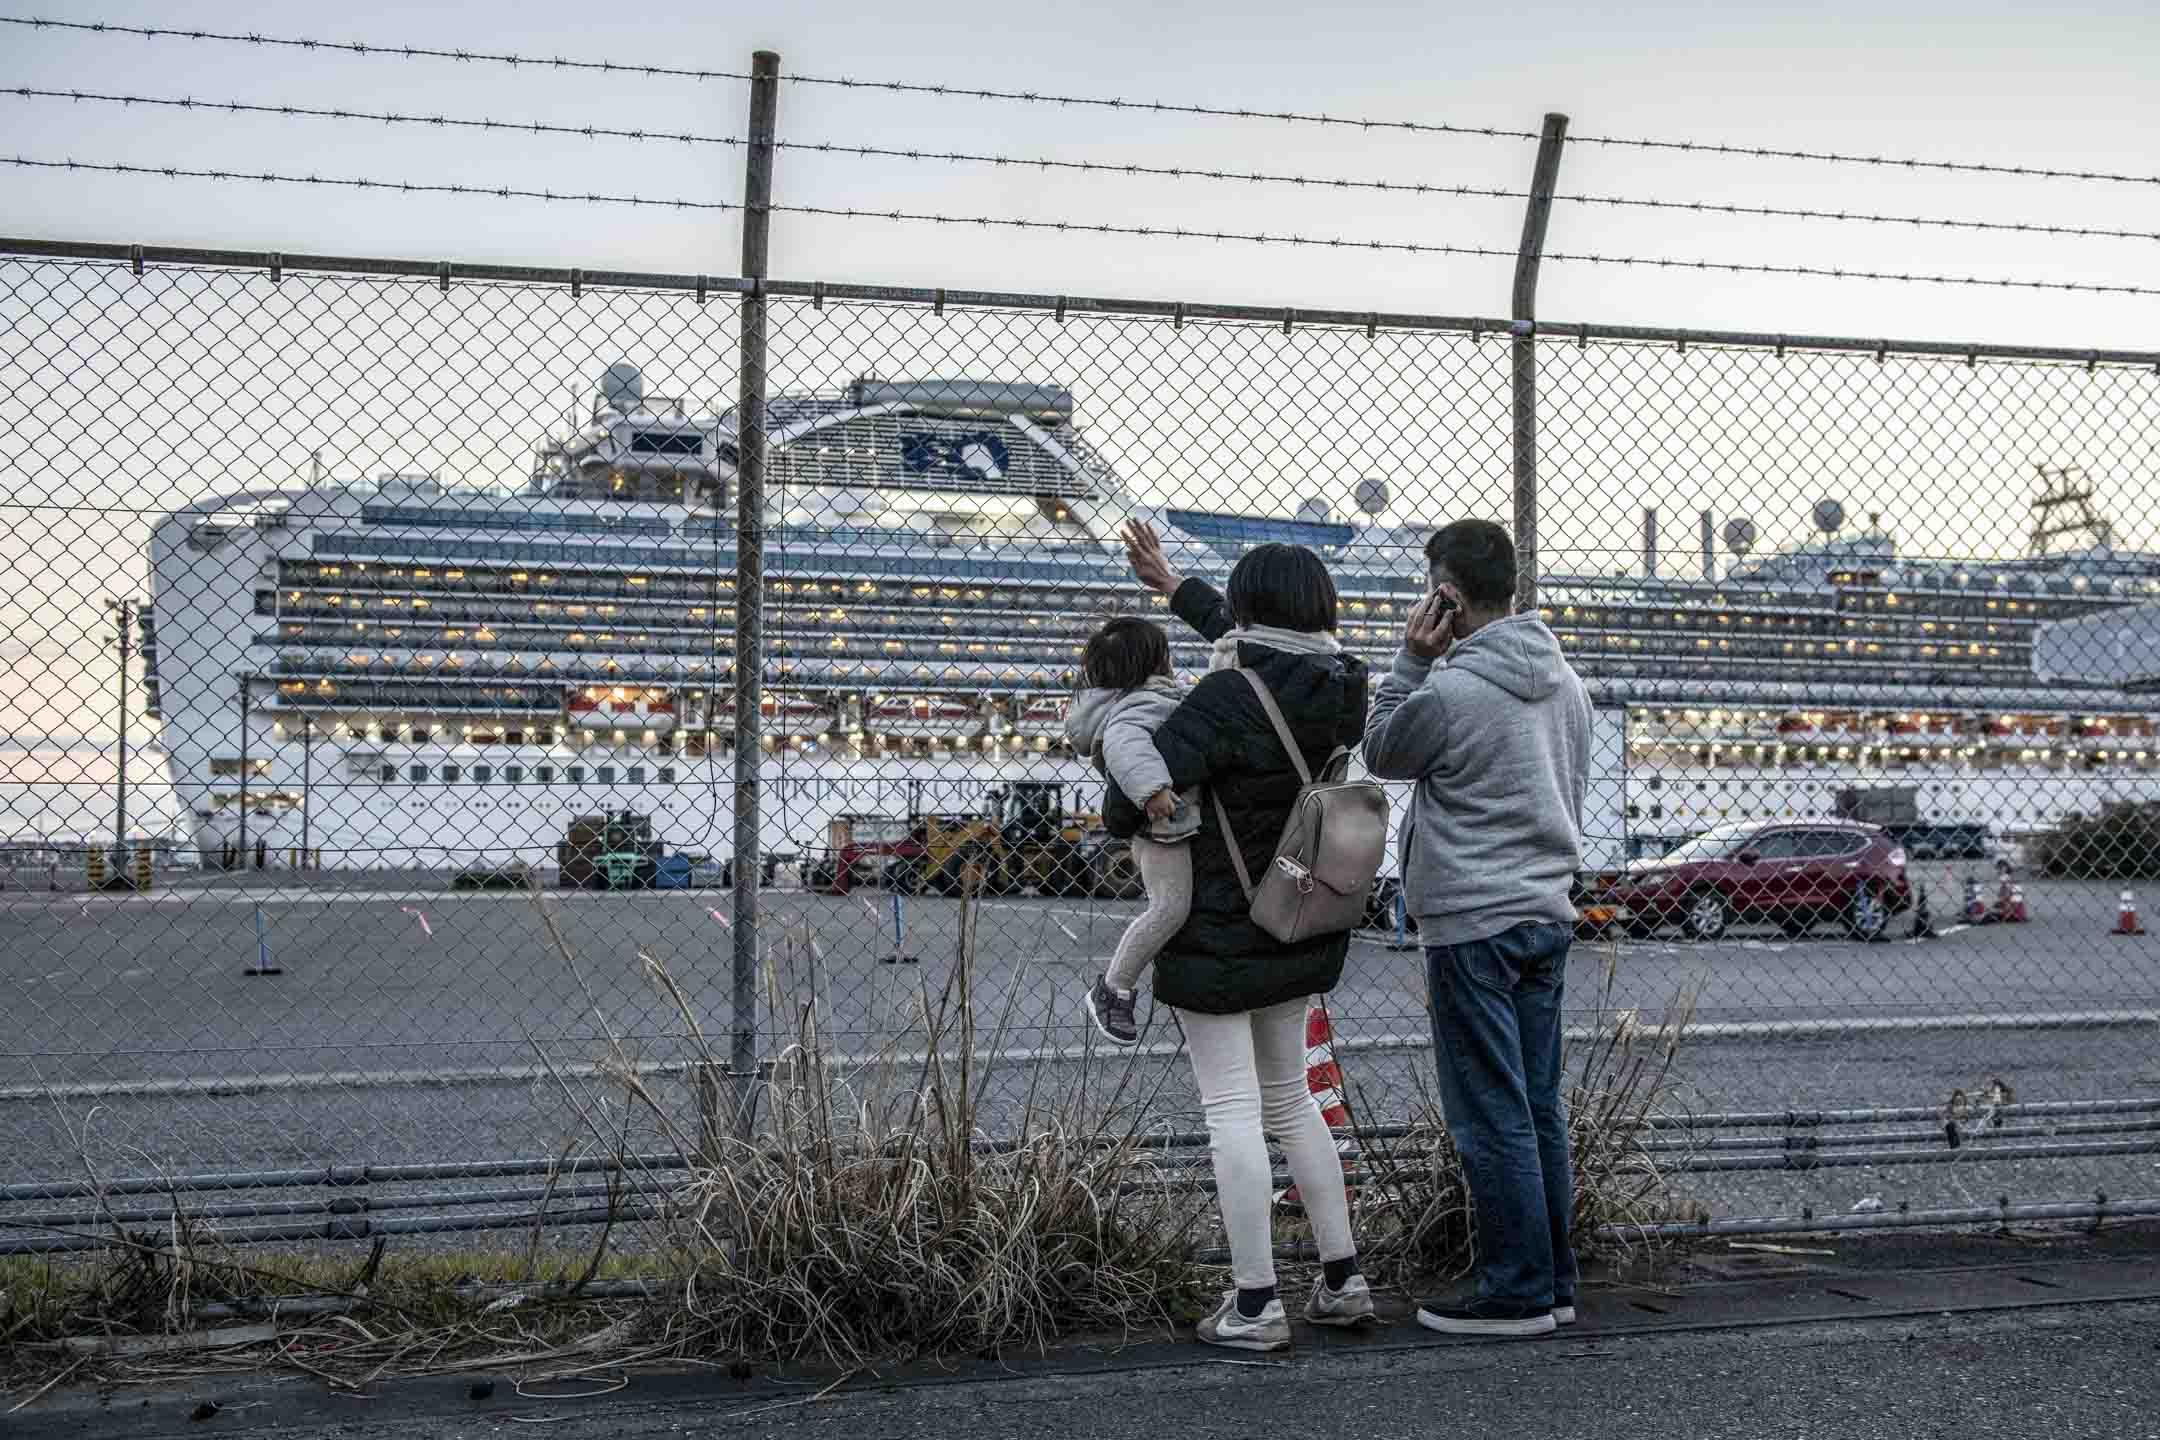 2020年2月11日,日本橫濱市一家人向停泊在岸的鑽石公主號揮手。郵輪因新冠疫情在船上爆發,於2月4日起在橫濱隔離大約一個月。最終超過700人被感染,12人死亡。